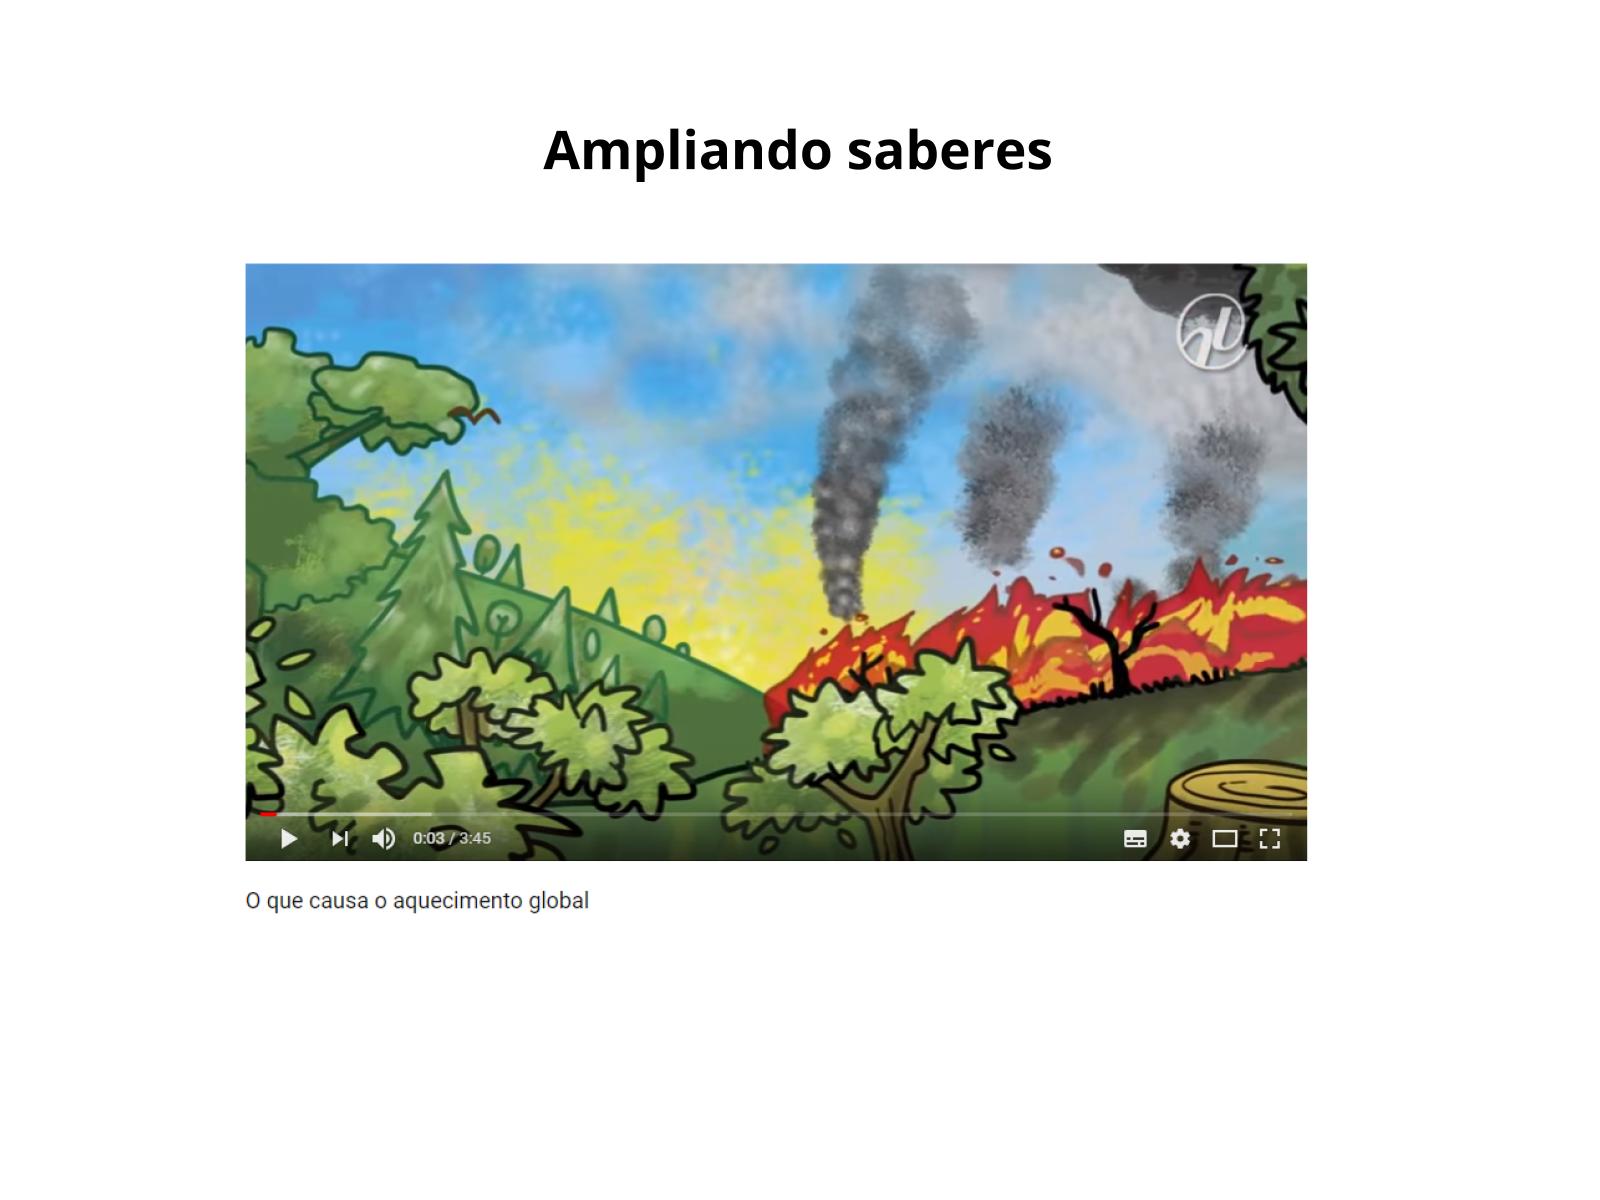 Causas e consequências do aquecimento global